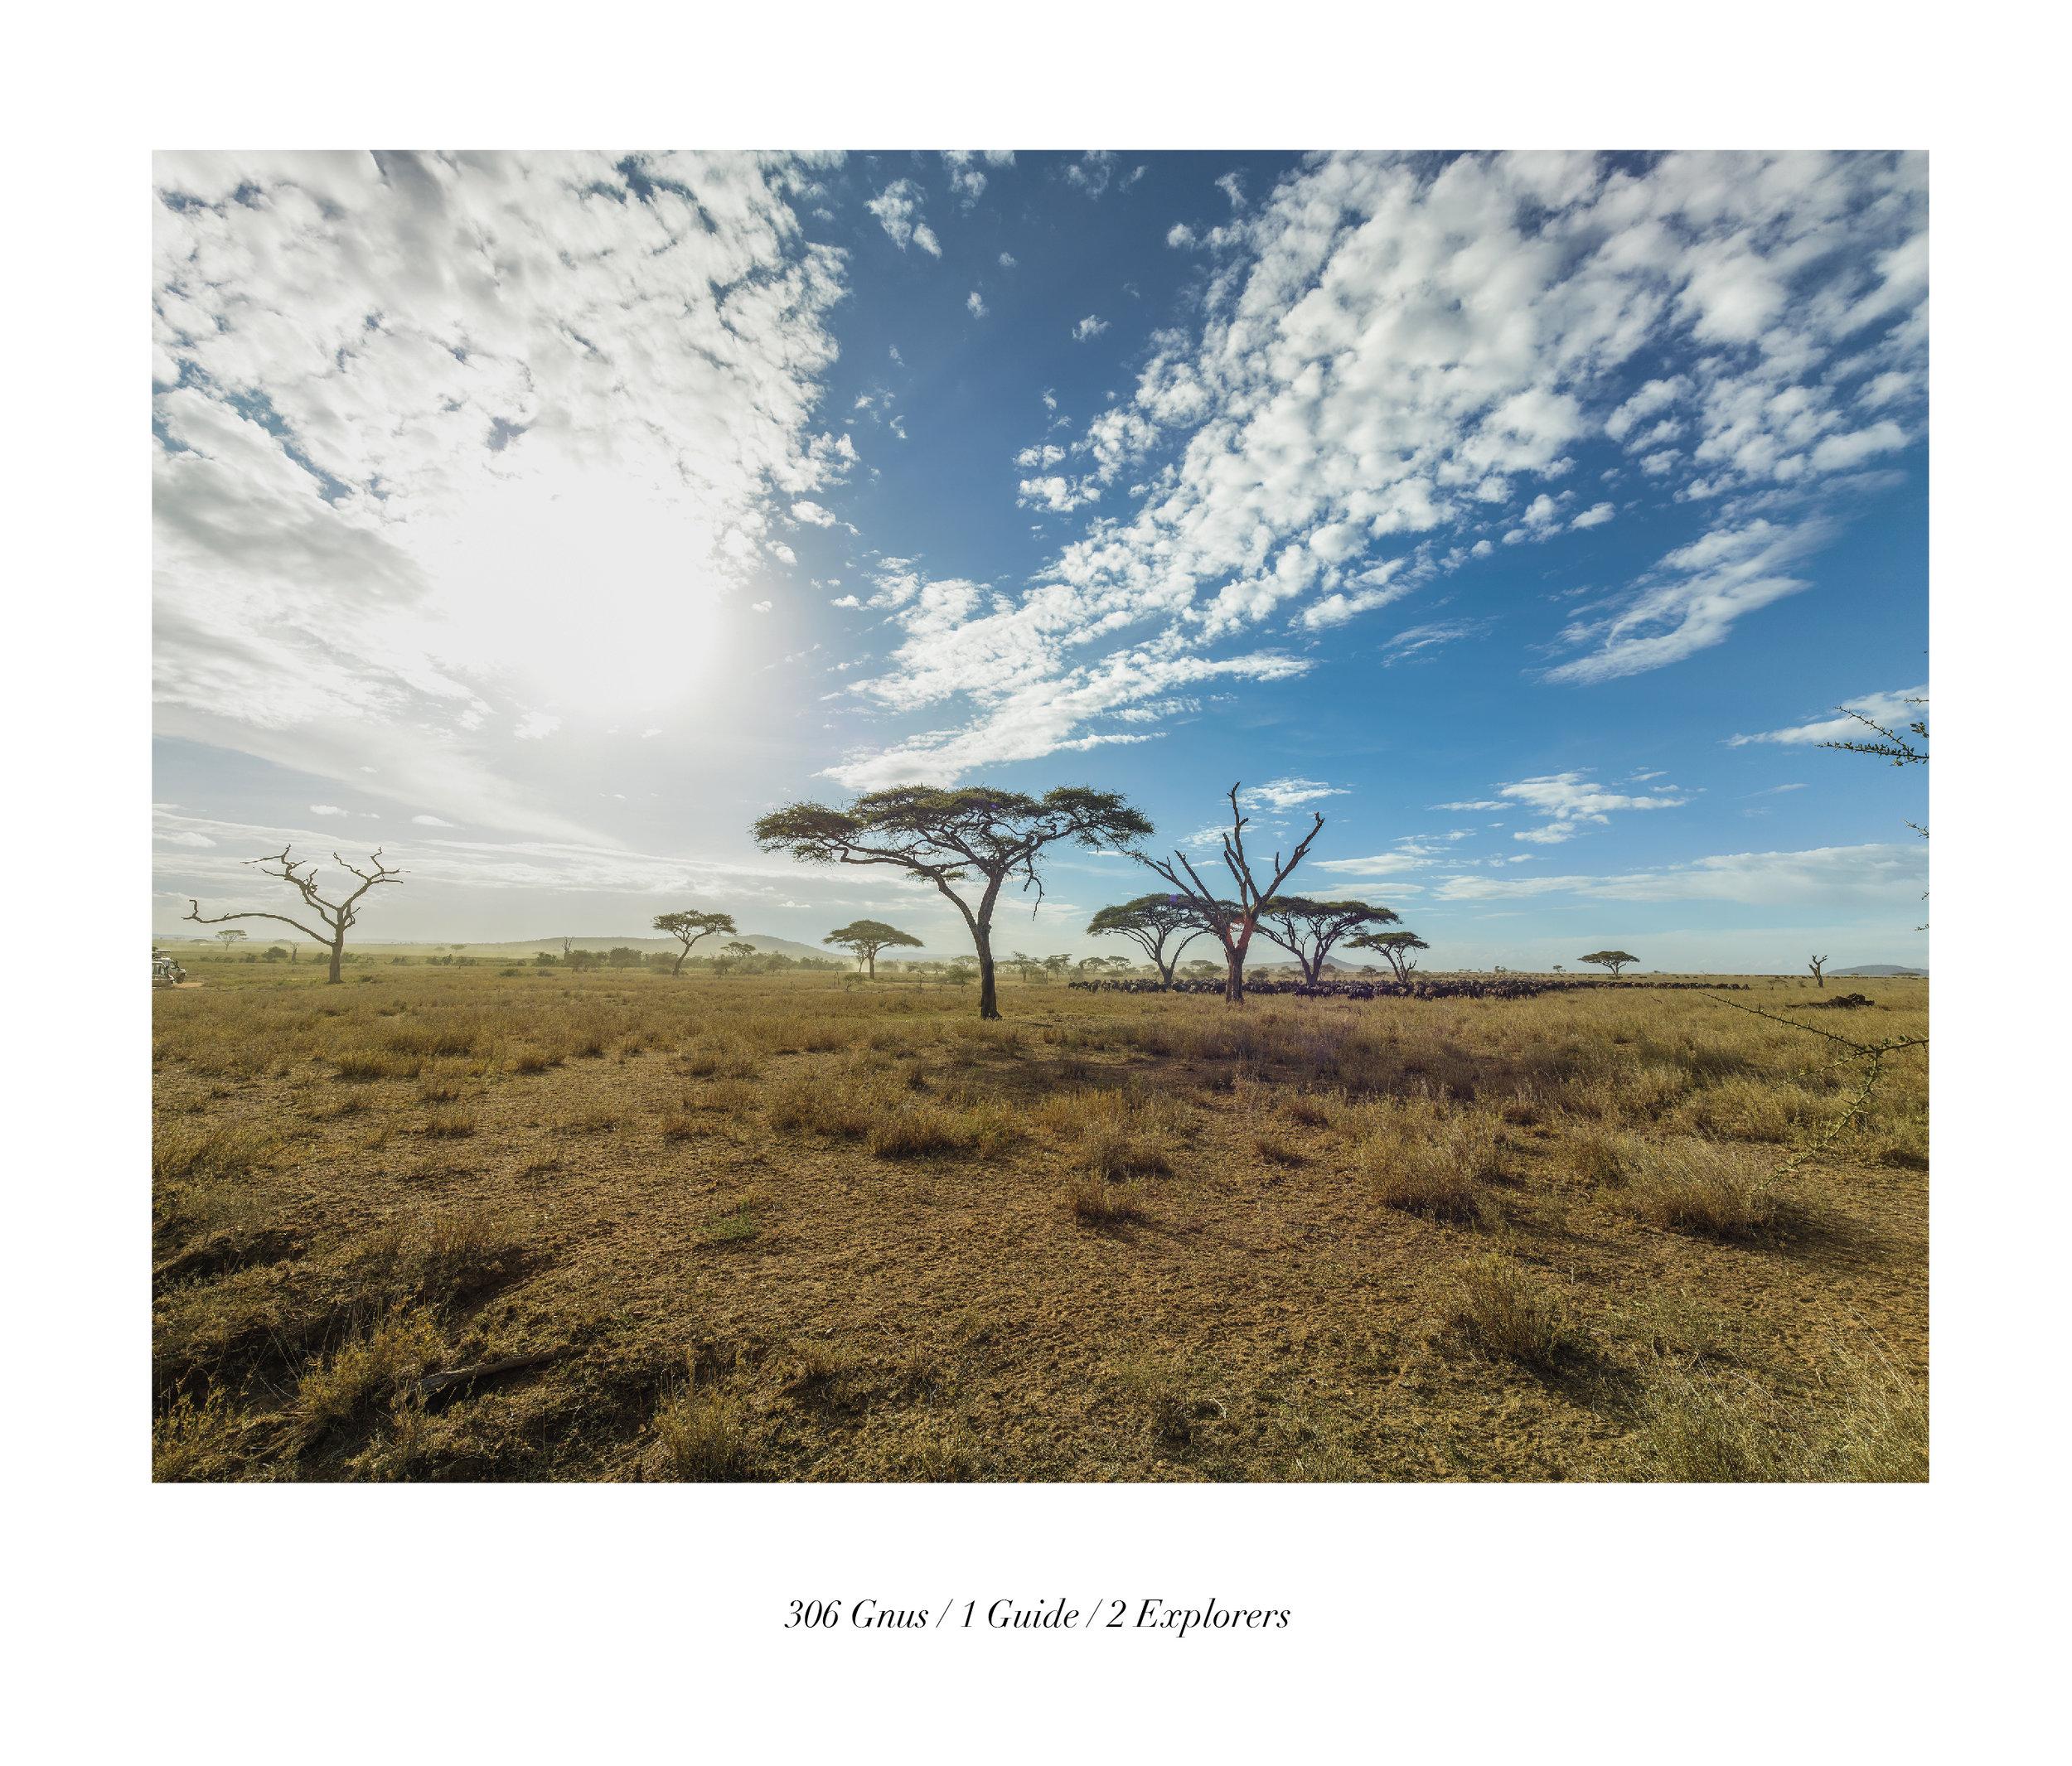 Serengueti (TAN 1.4)t